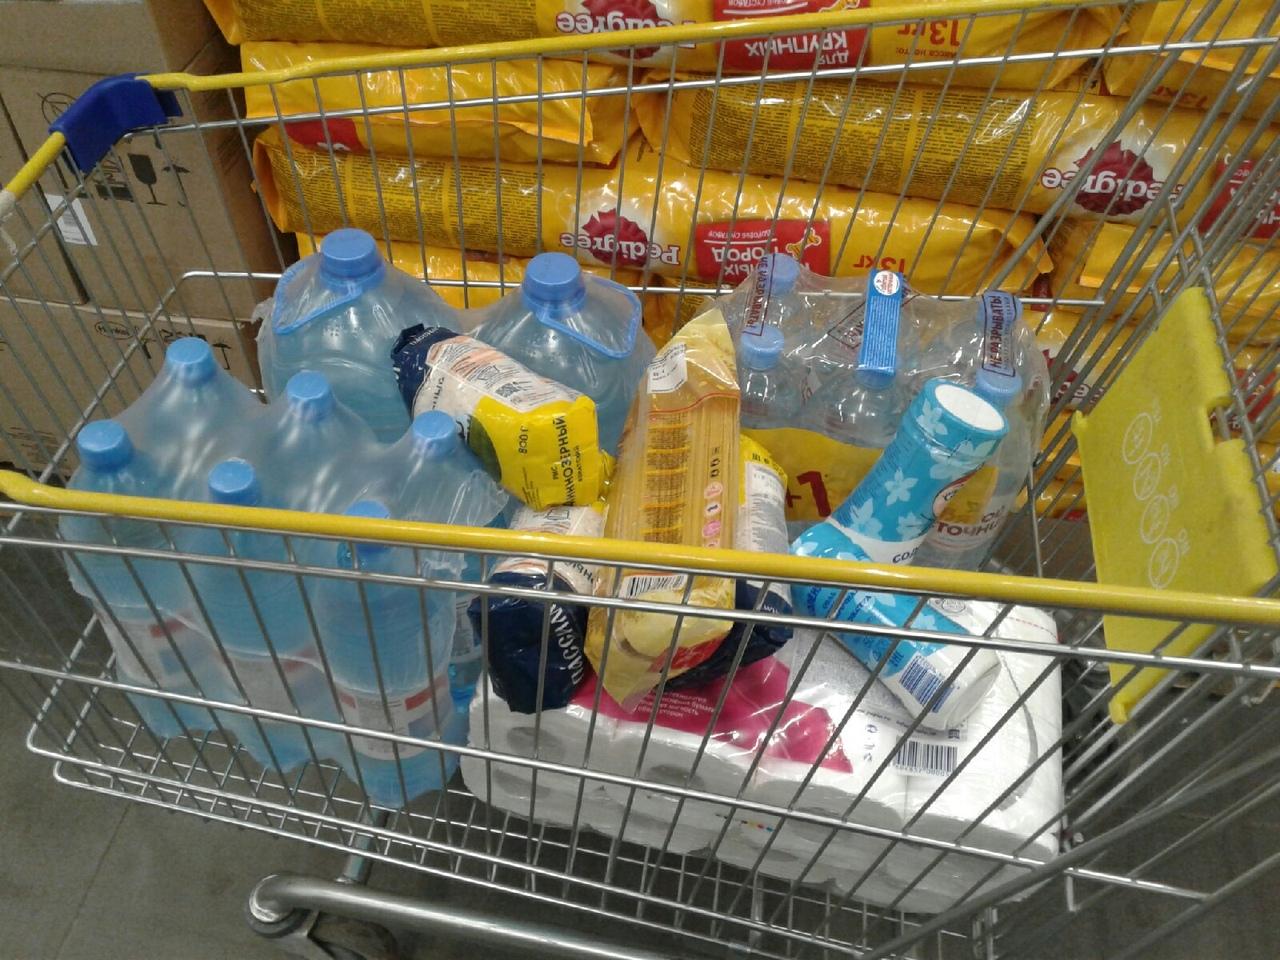 Платить за товар в магазине омичи будут только по ценнику #Омск #Общество #Сегодня